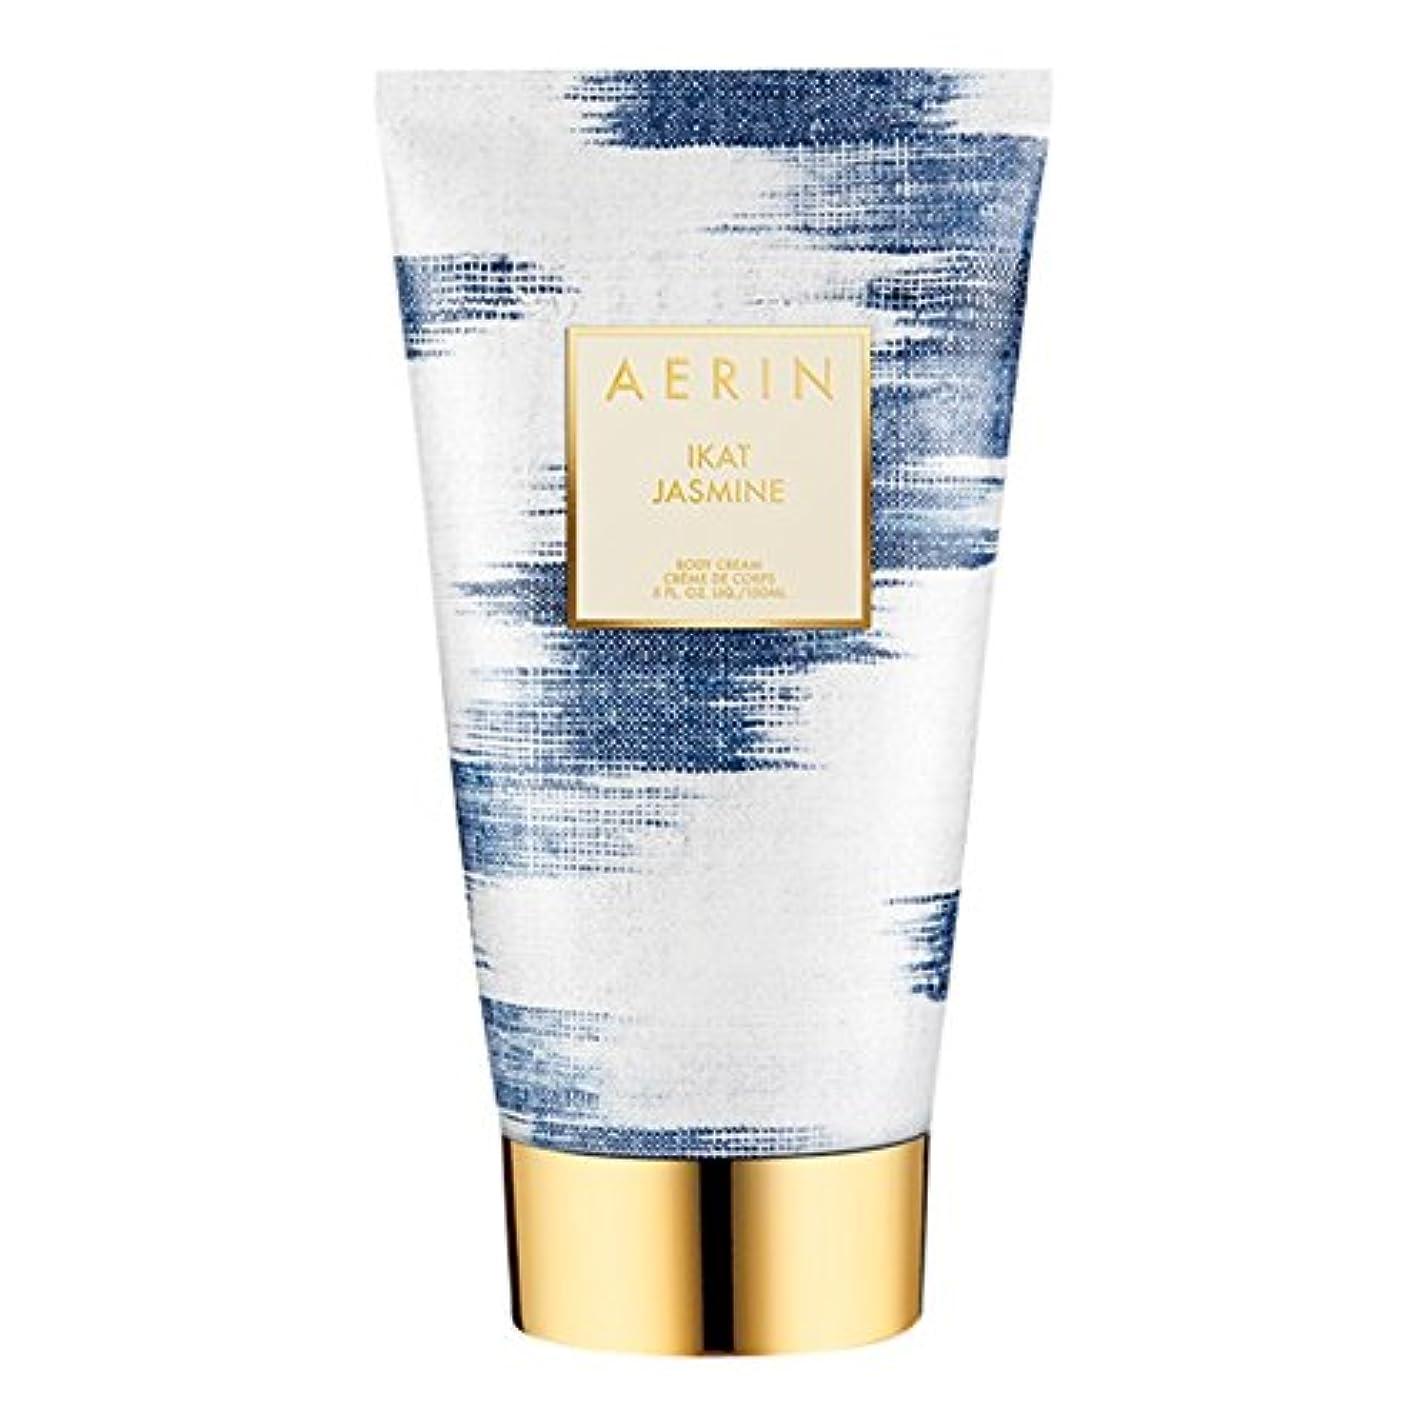 始める施しサロンAerinイカットジャスミンボディクリーム150ミリリットル (AERIN) (x2) - AERIN Ikat Jasmine Body Cream 150ml (Pack of 2) [並行輸入品]